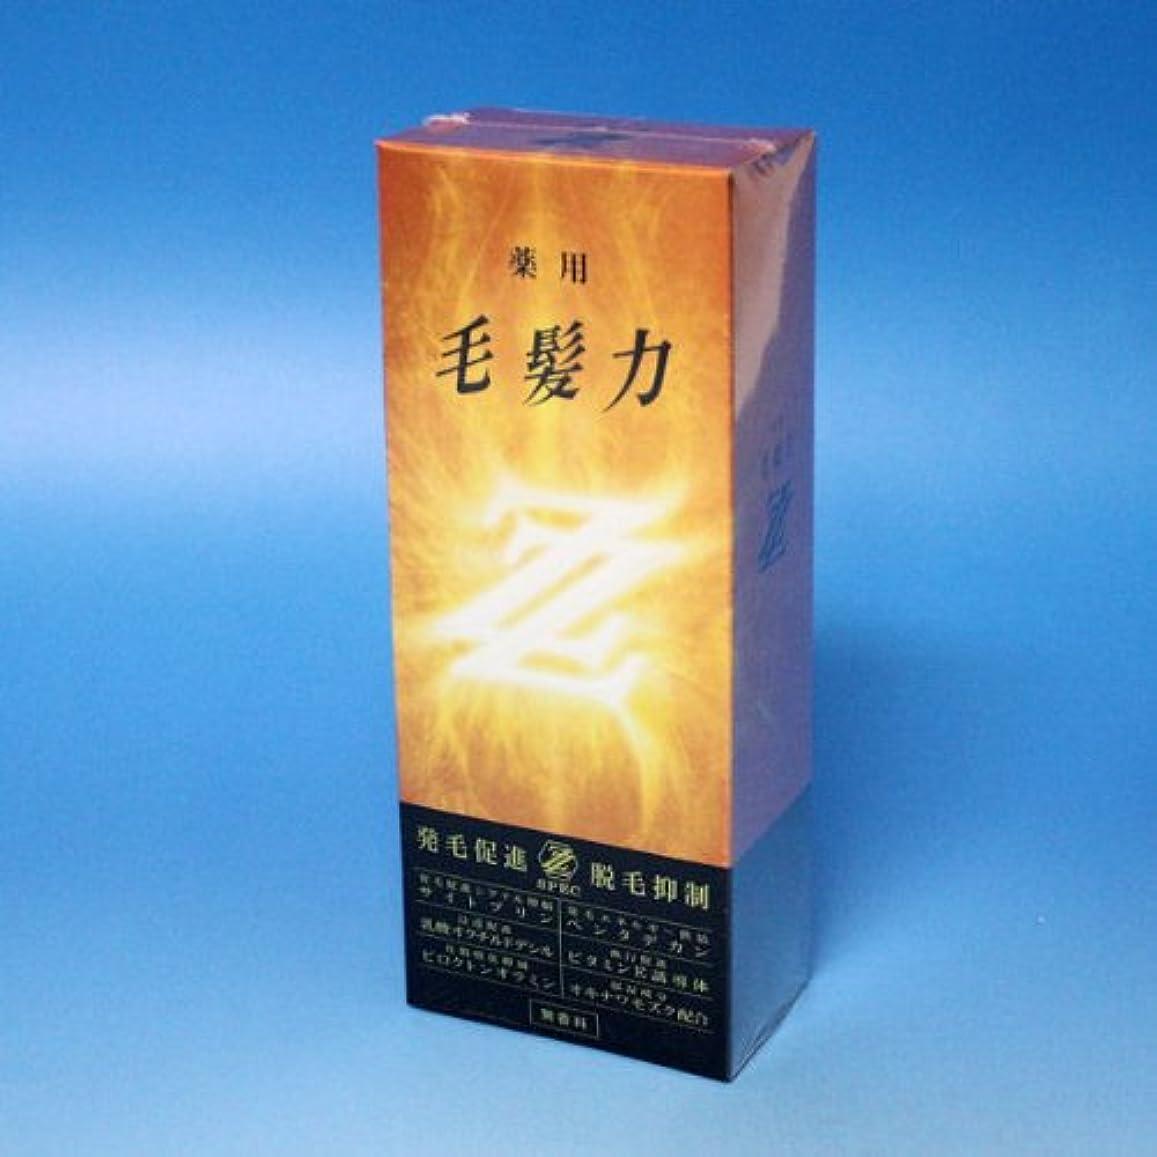 ガード再生論争《ライオン》 薬用 毛髪力ZZ(ダブルジー) 200ml 【医薬部外品】